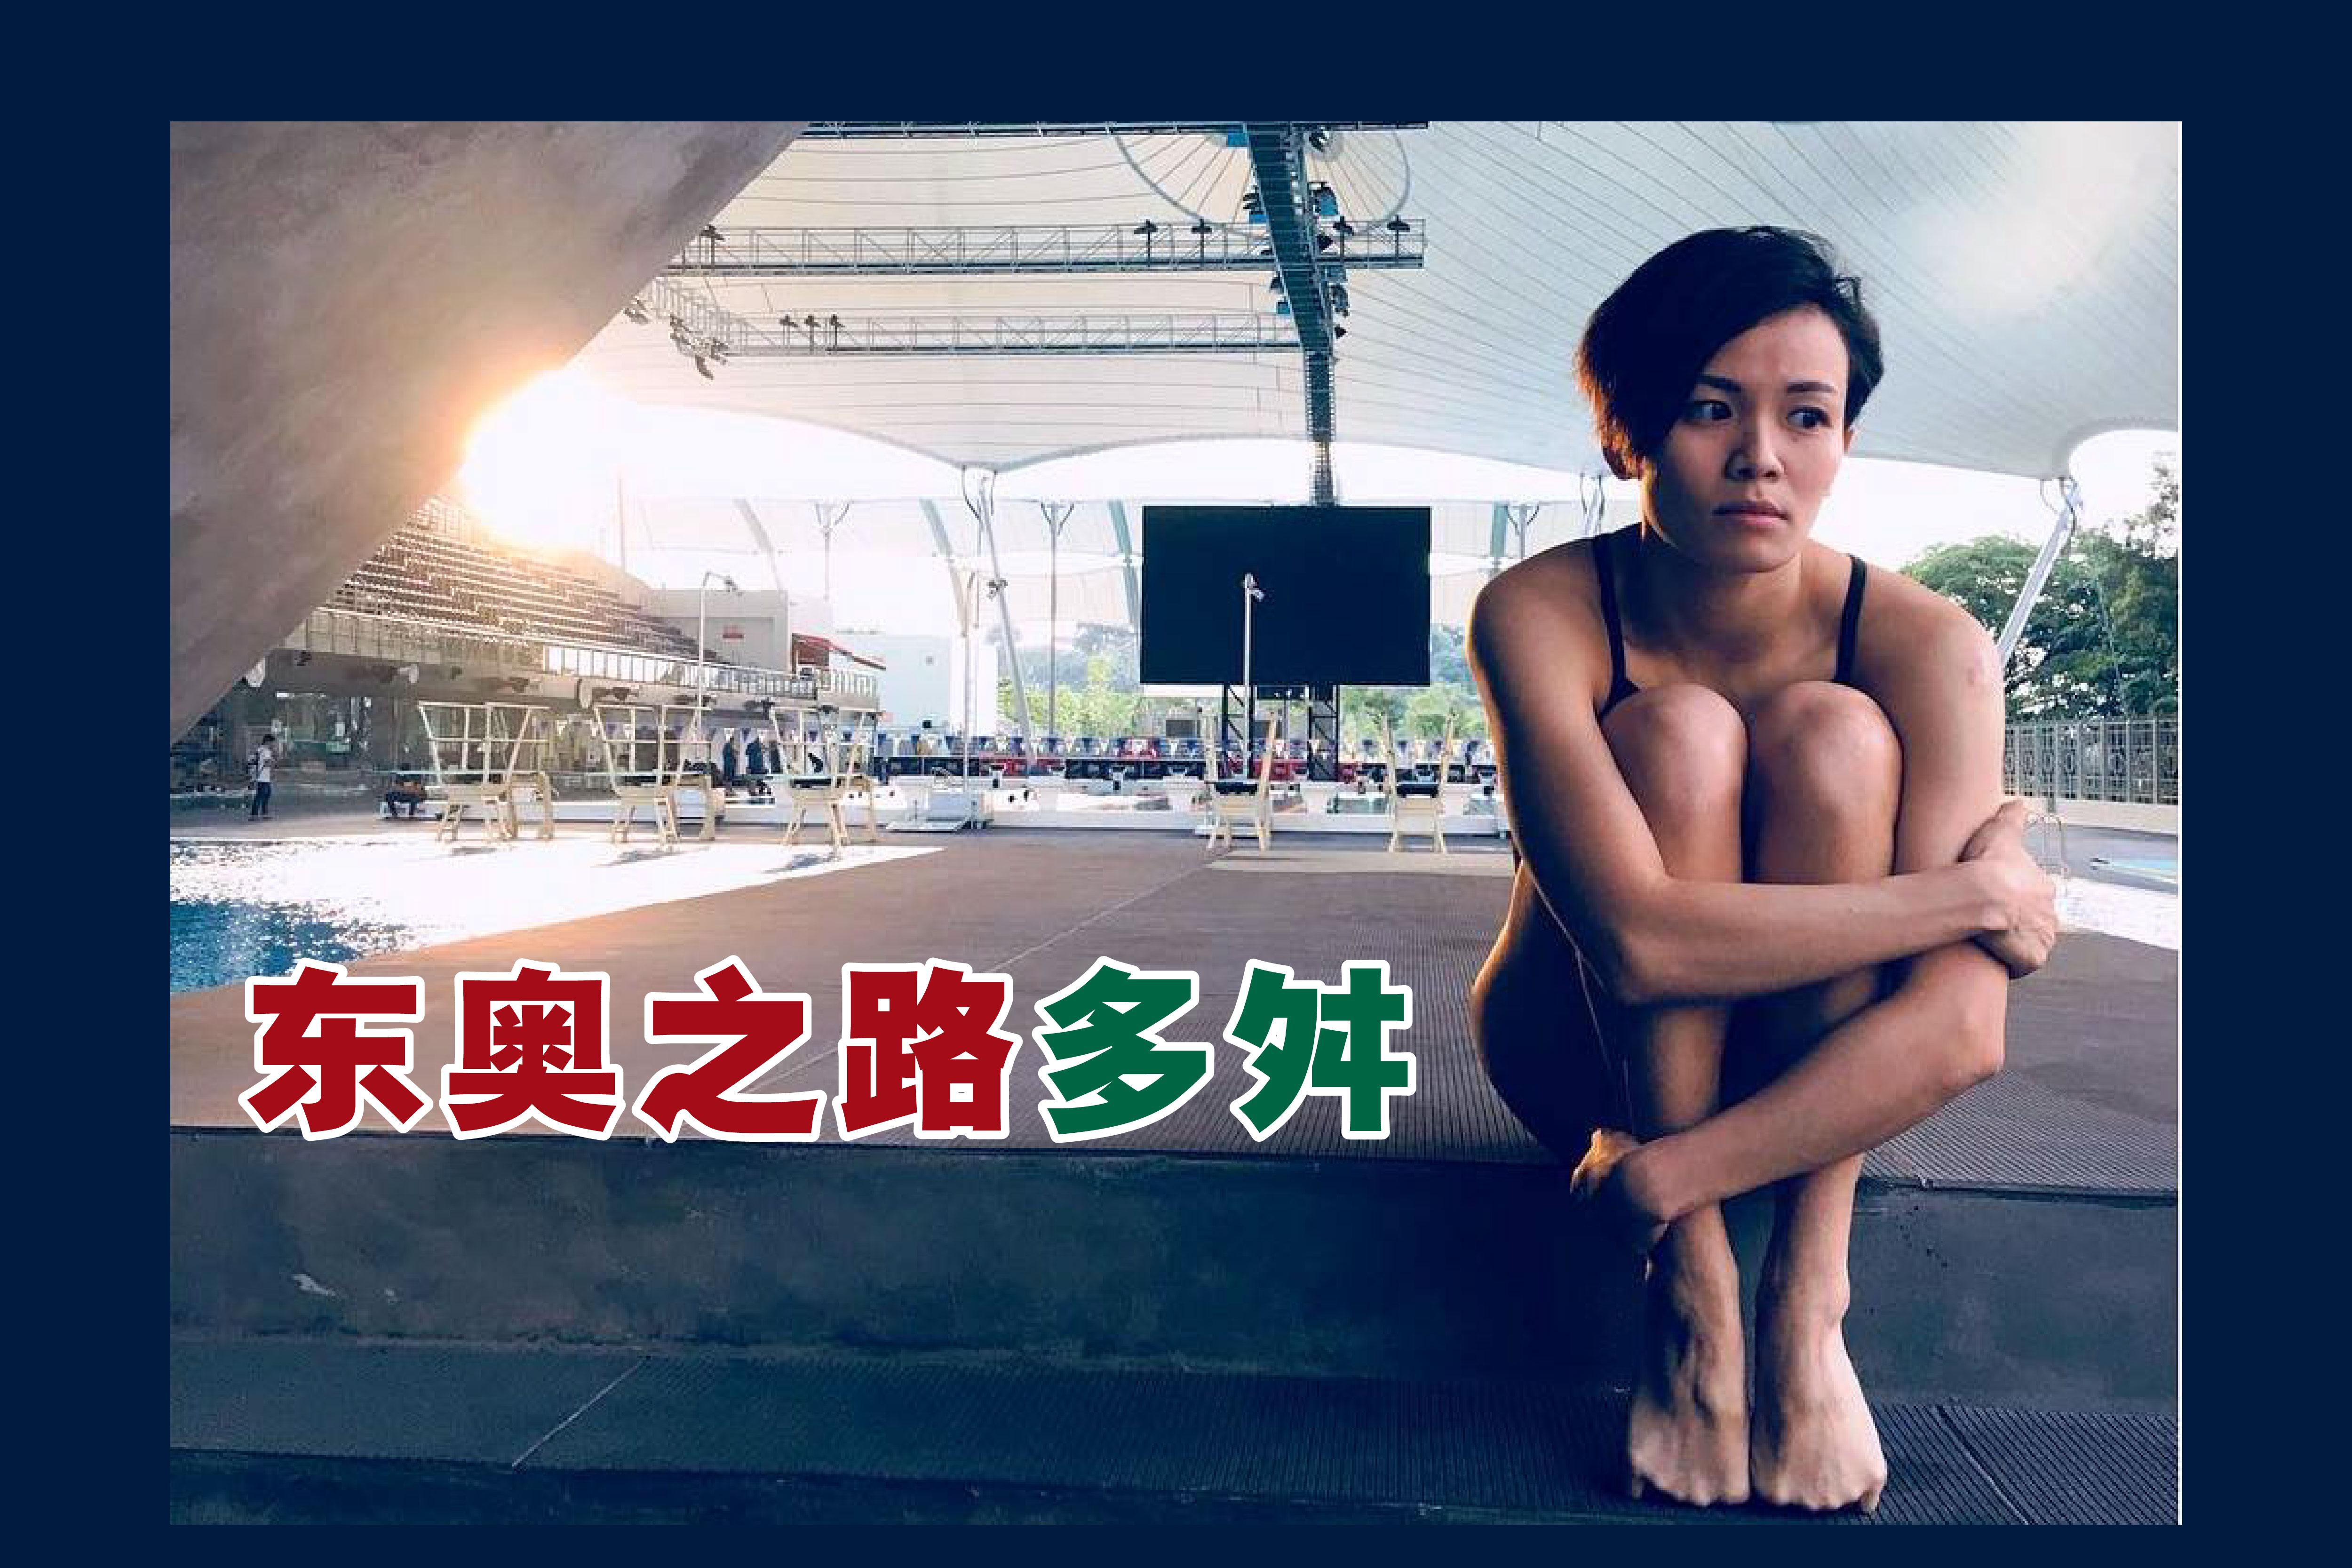 2018年手术后,时隔两年投奔到中国恩师杨祝梁麾下,才能重新接受训练的张俊虹,目前又因曾接触确诊病患而遭隔离,影响备战奥运资格的计划。-摘自张俊虹FB/精彩大马制图-